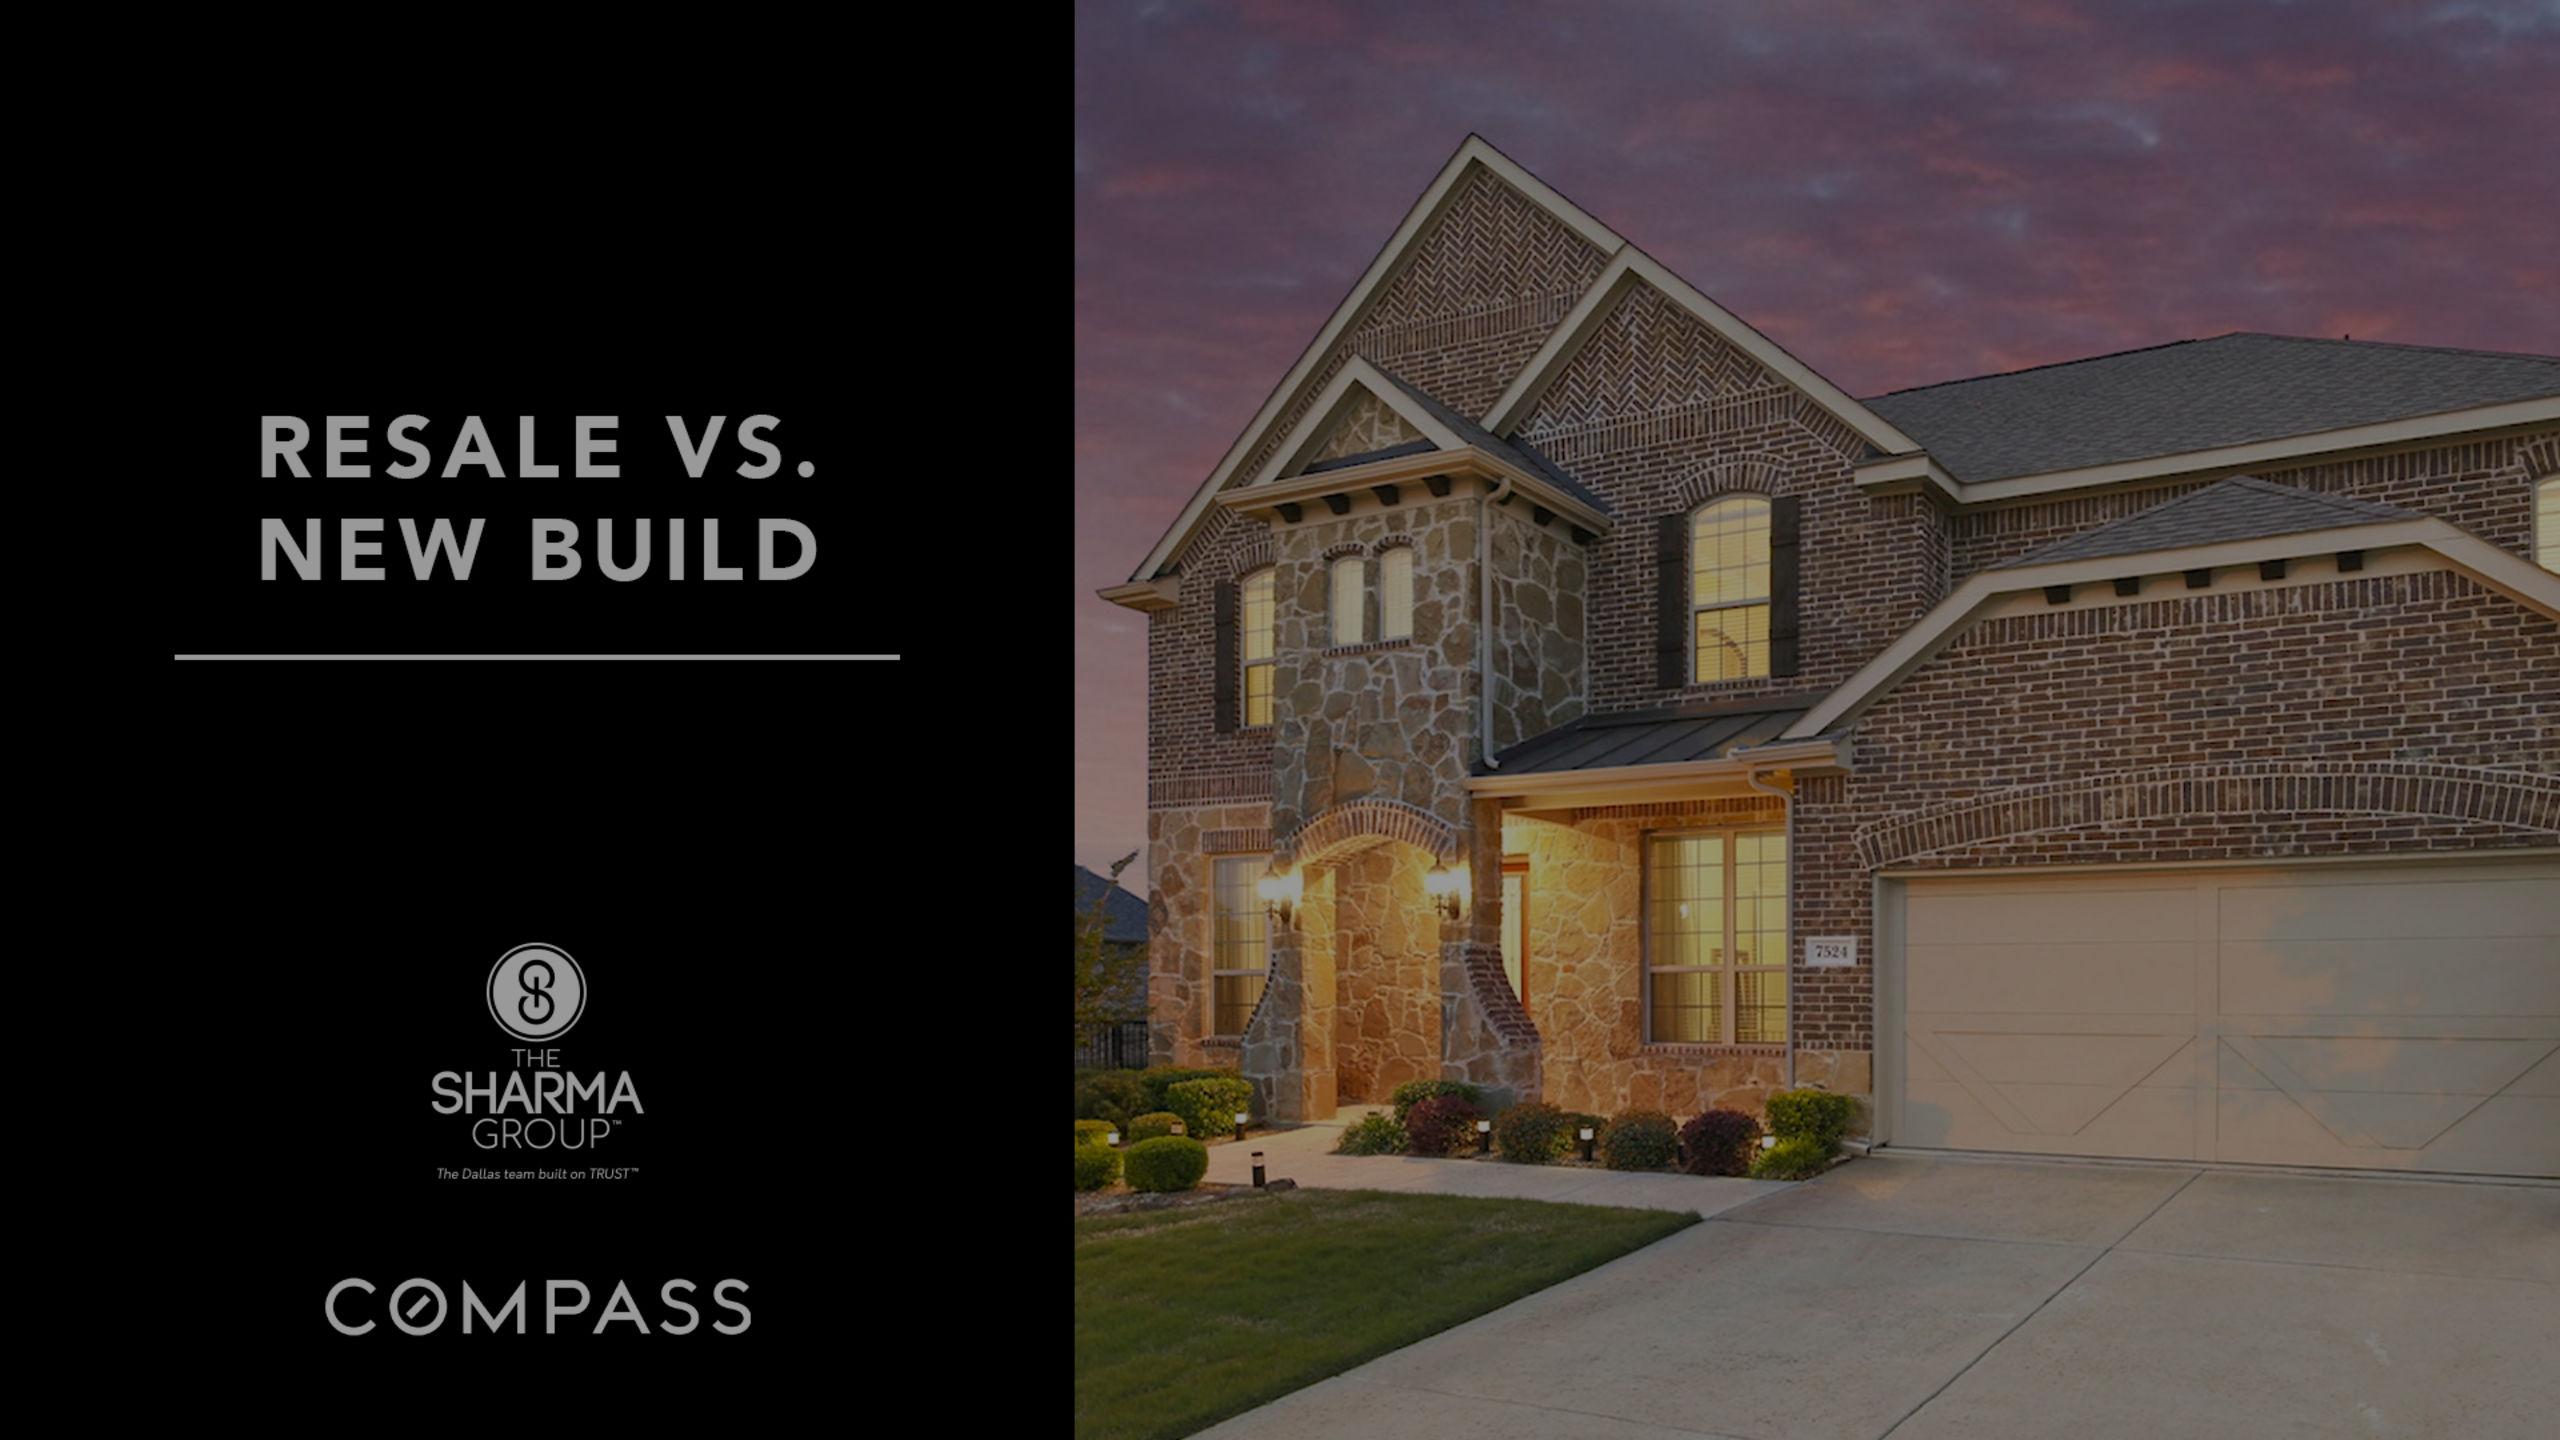 Resale vs. New Build